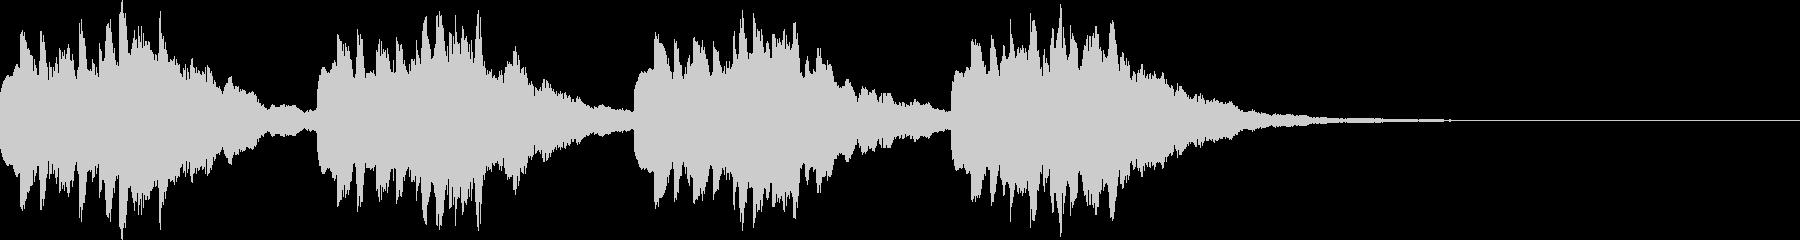 オーソドックスメロディアス着信音2の未再生の波形